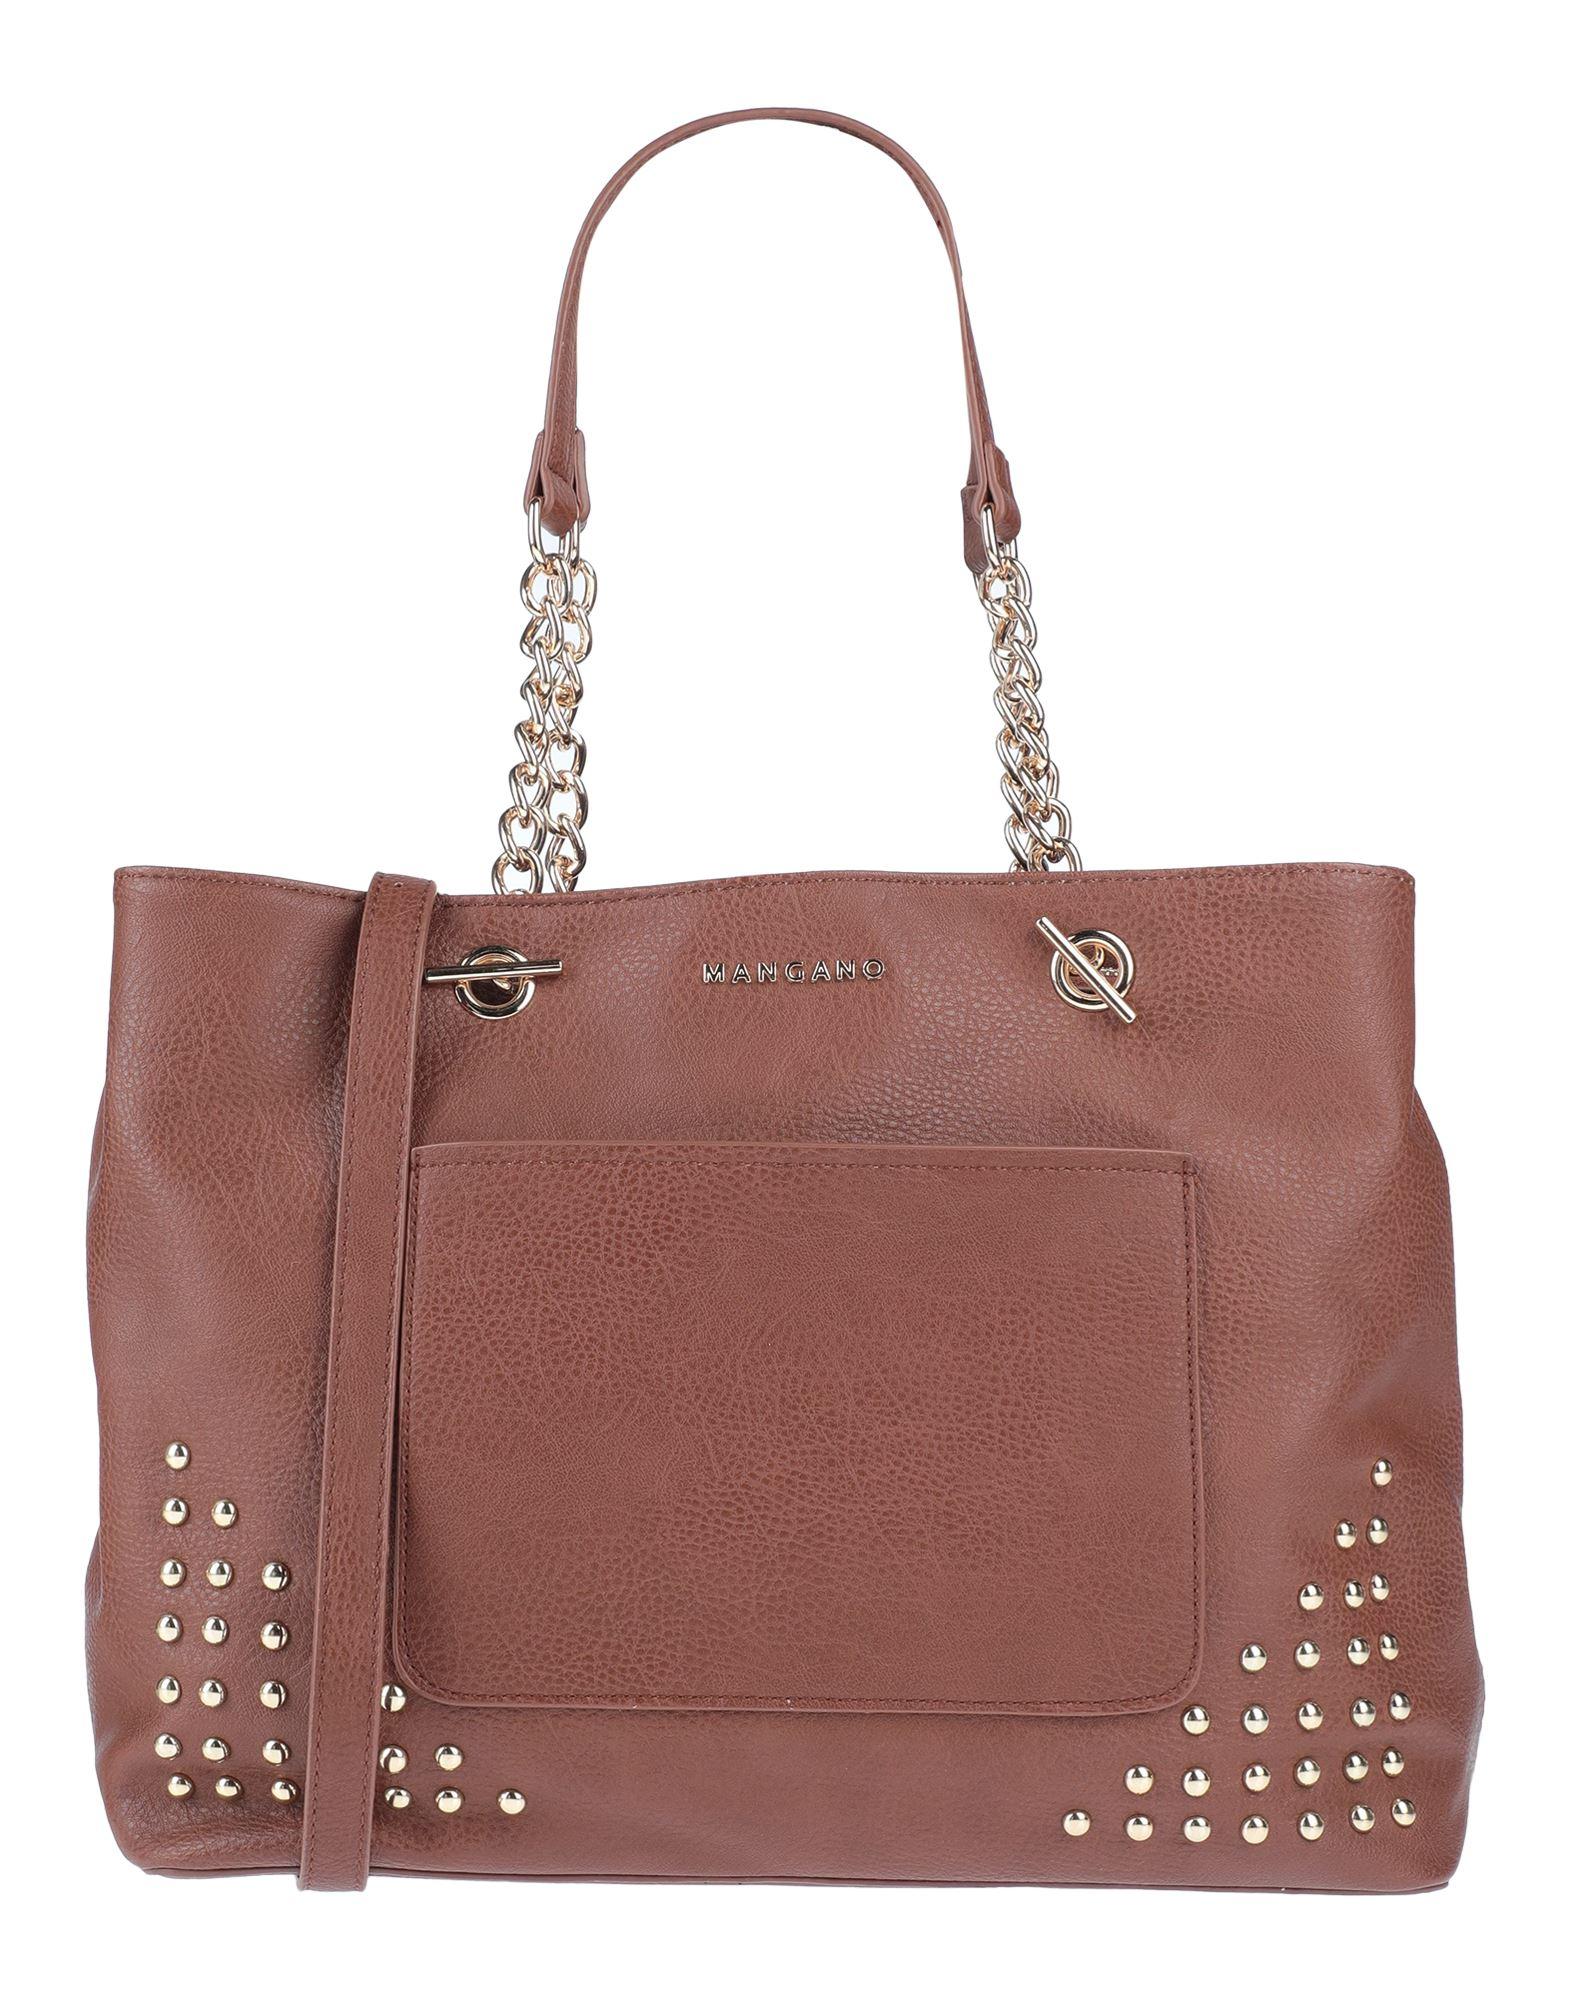 MANGANO Shoulder bags - Item 45484251